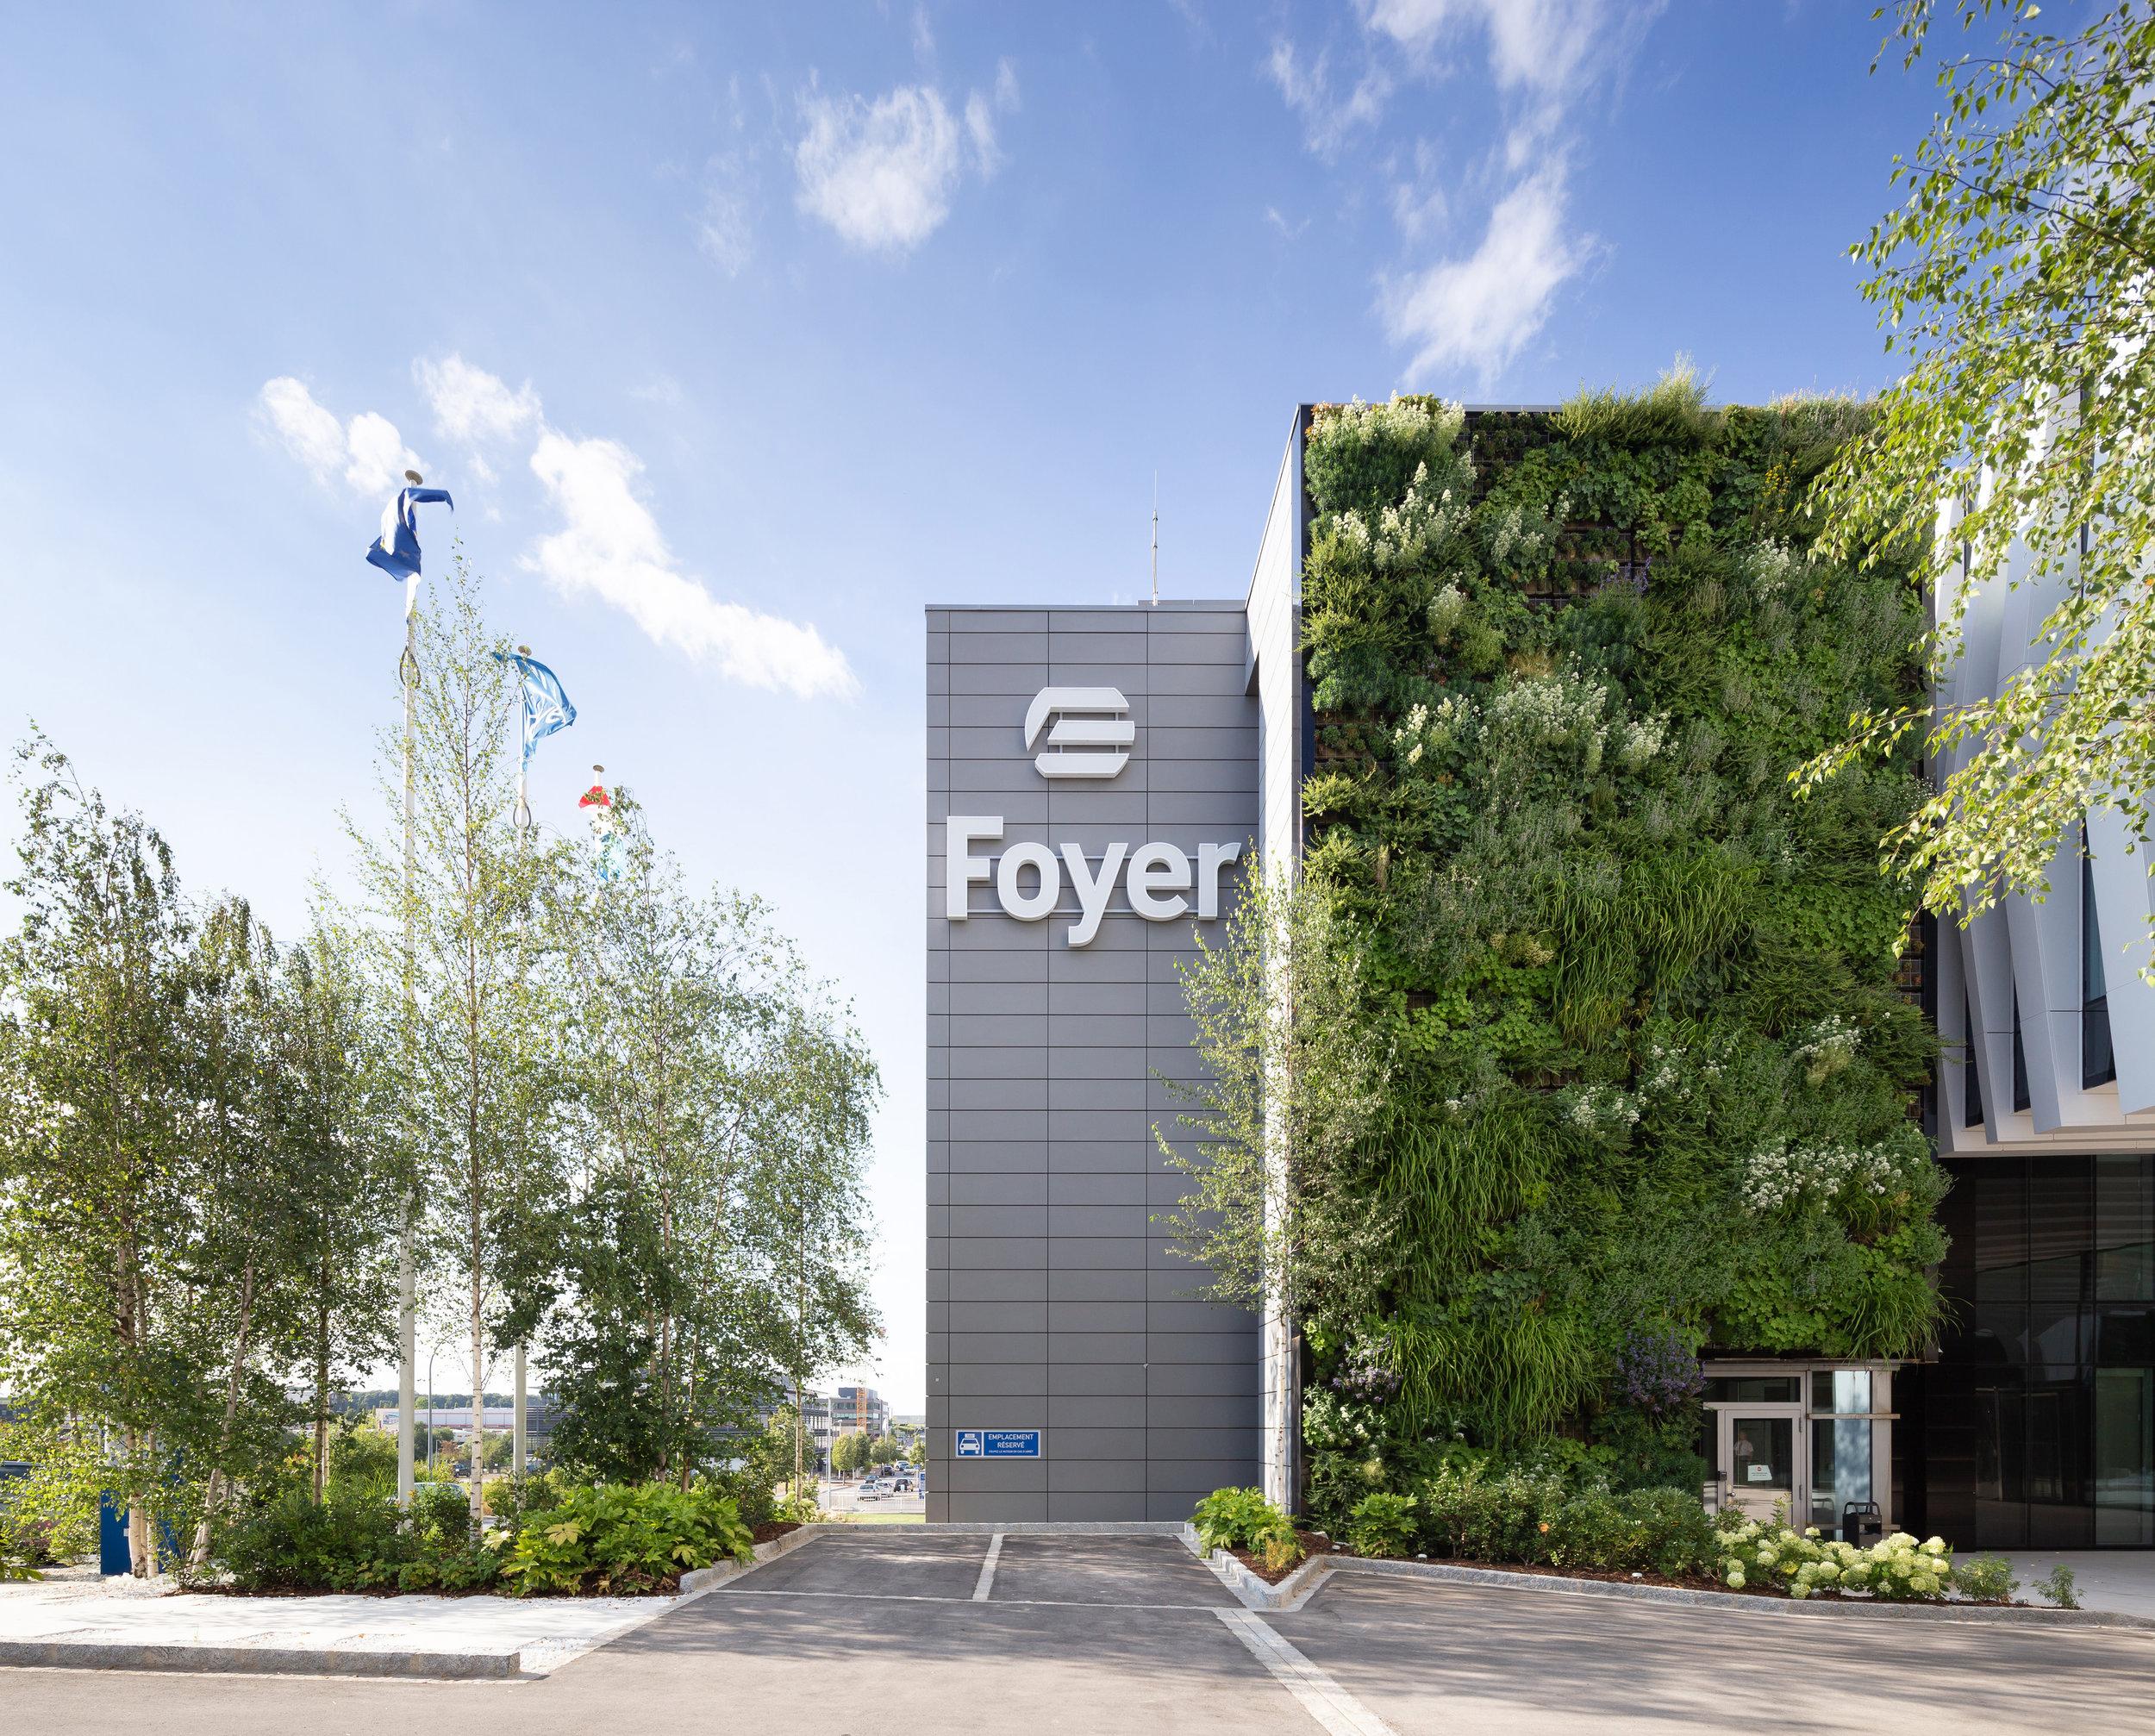 bureaux_foyer_assurance_luxembourg_patios_jardins_outdoor_garden_christophe_gautrand_paysagiste_8.jpg